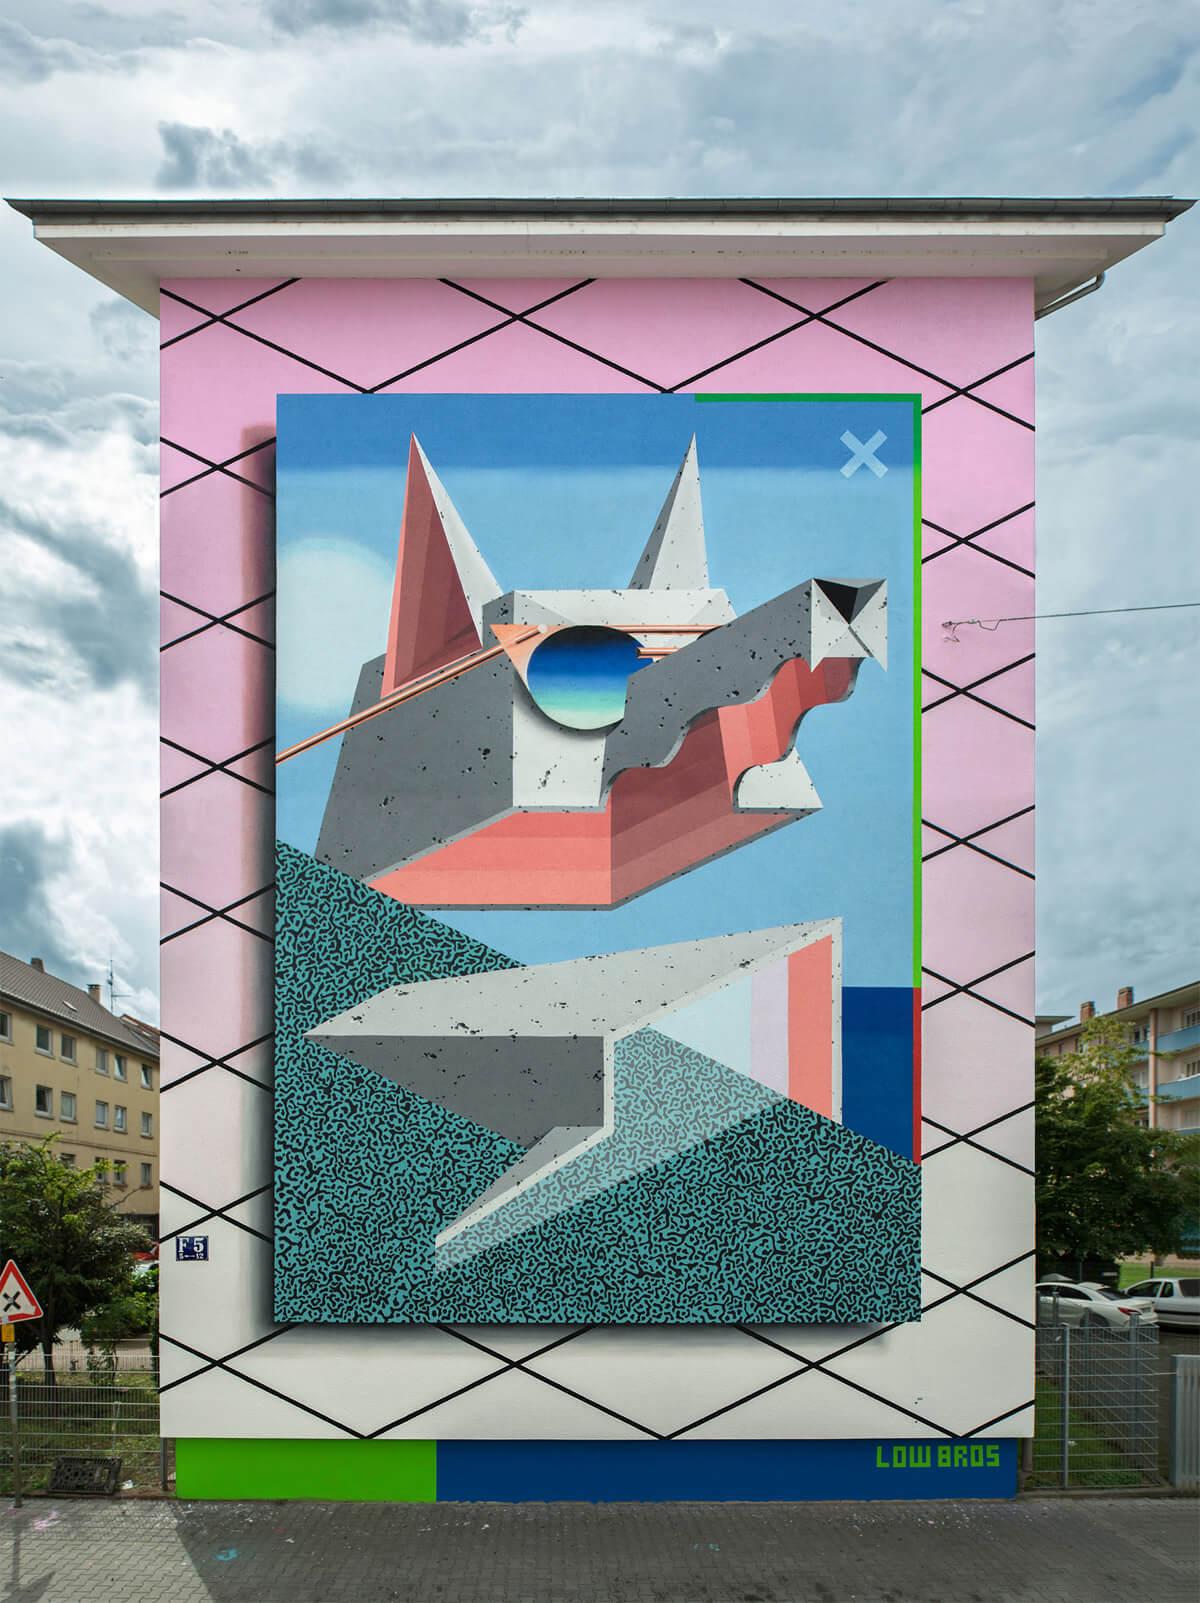 Street art de Low Bros. Imagen: Low Bros.